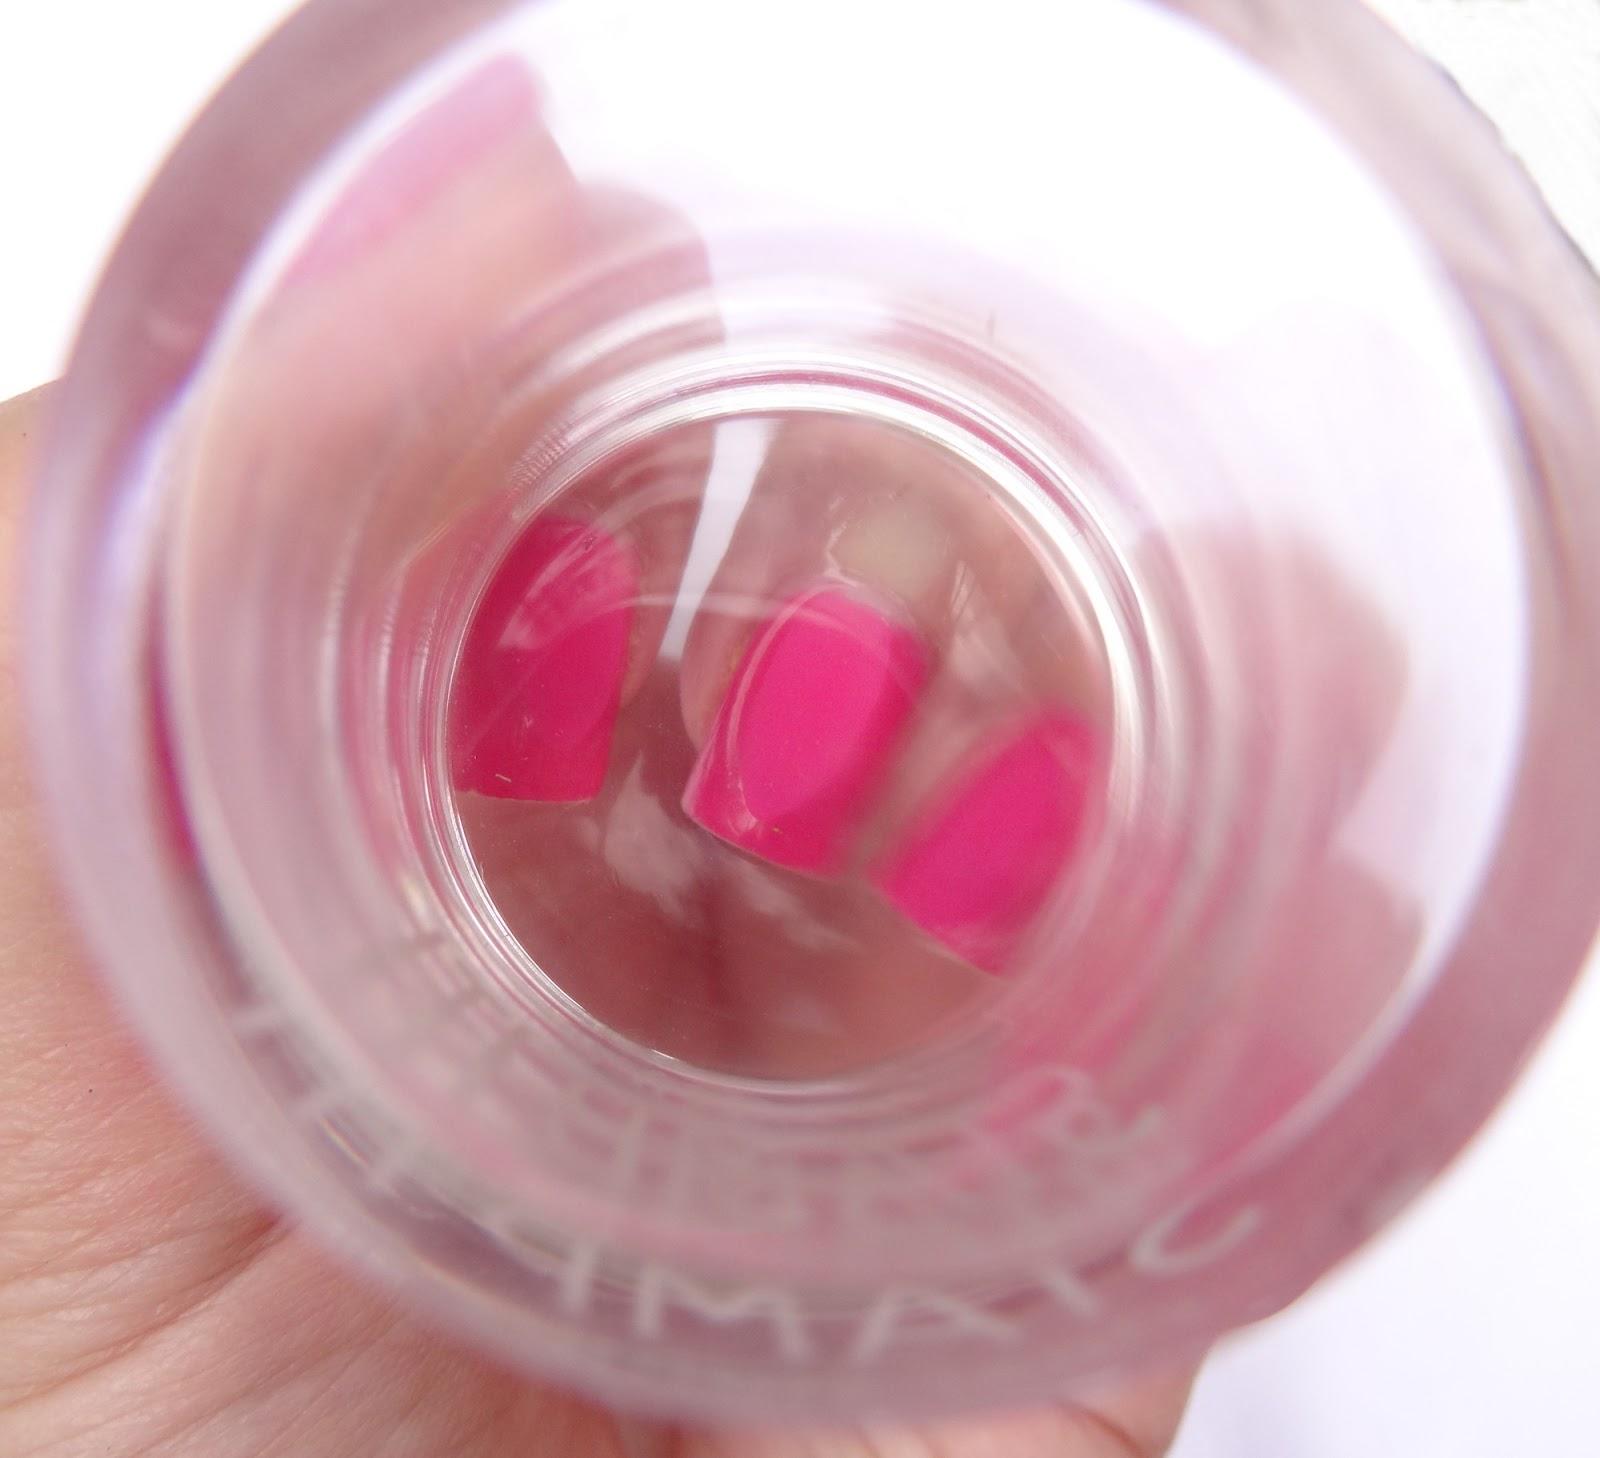 Beauty Blog Essence Pruhledne Razitko Na Nehty